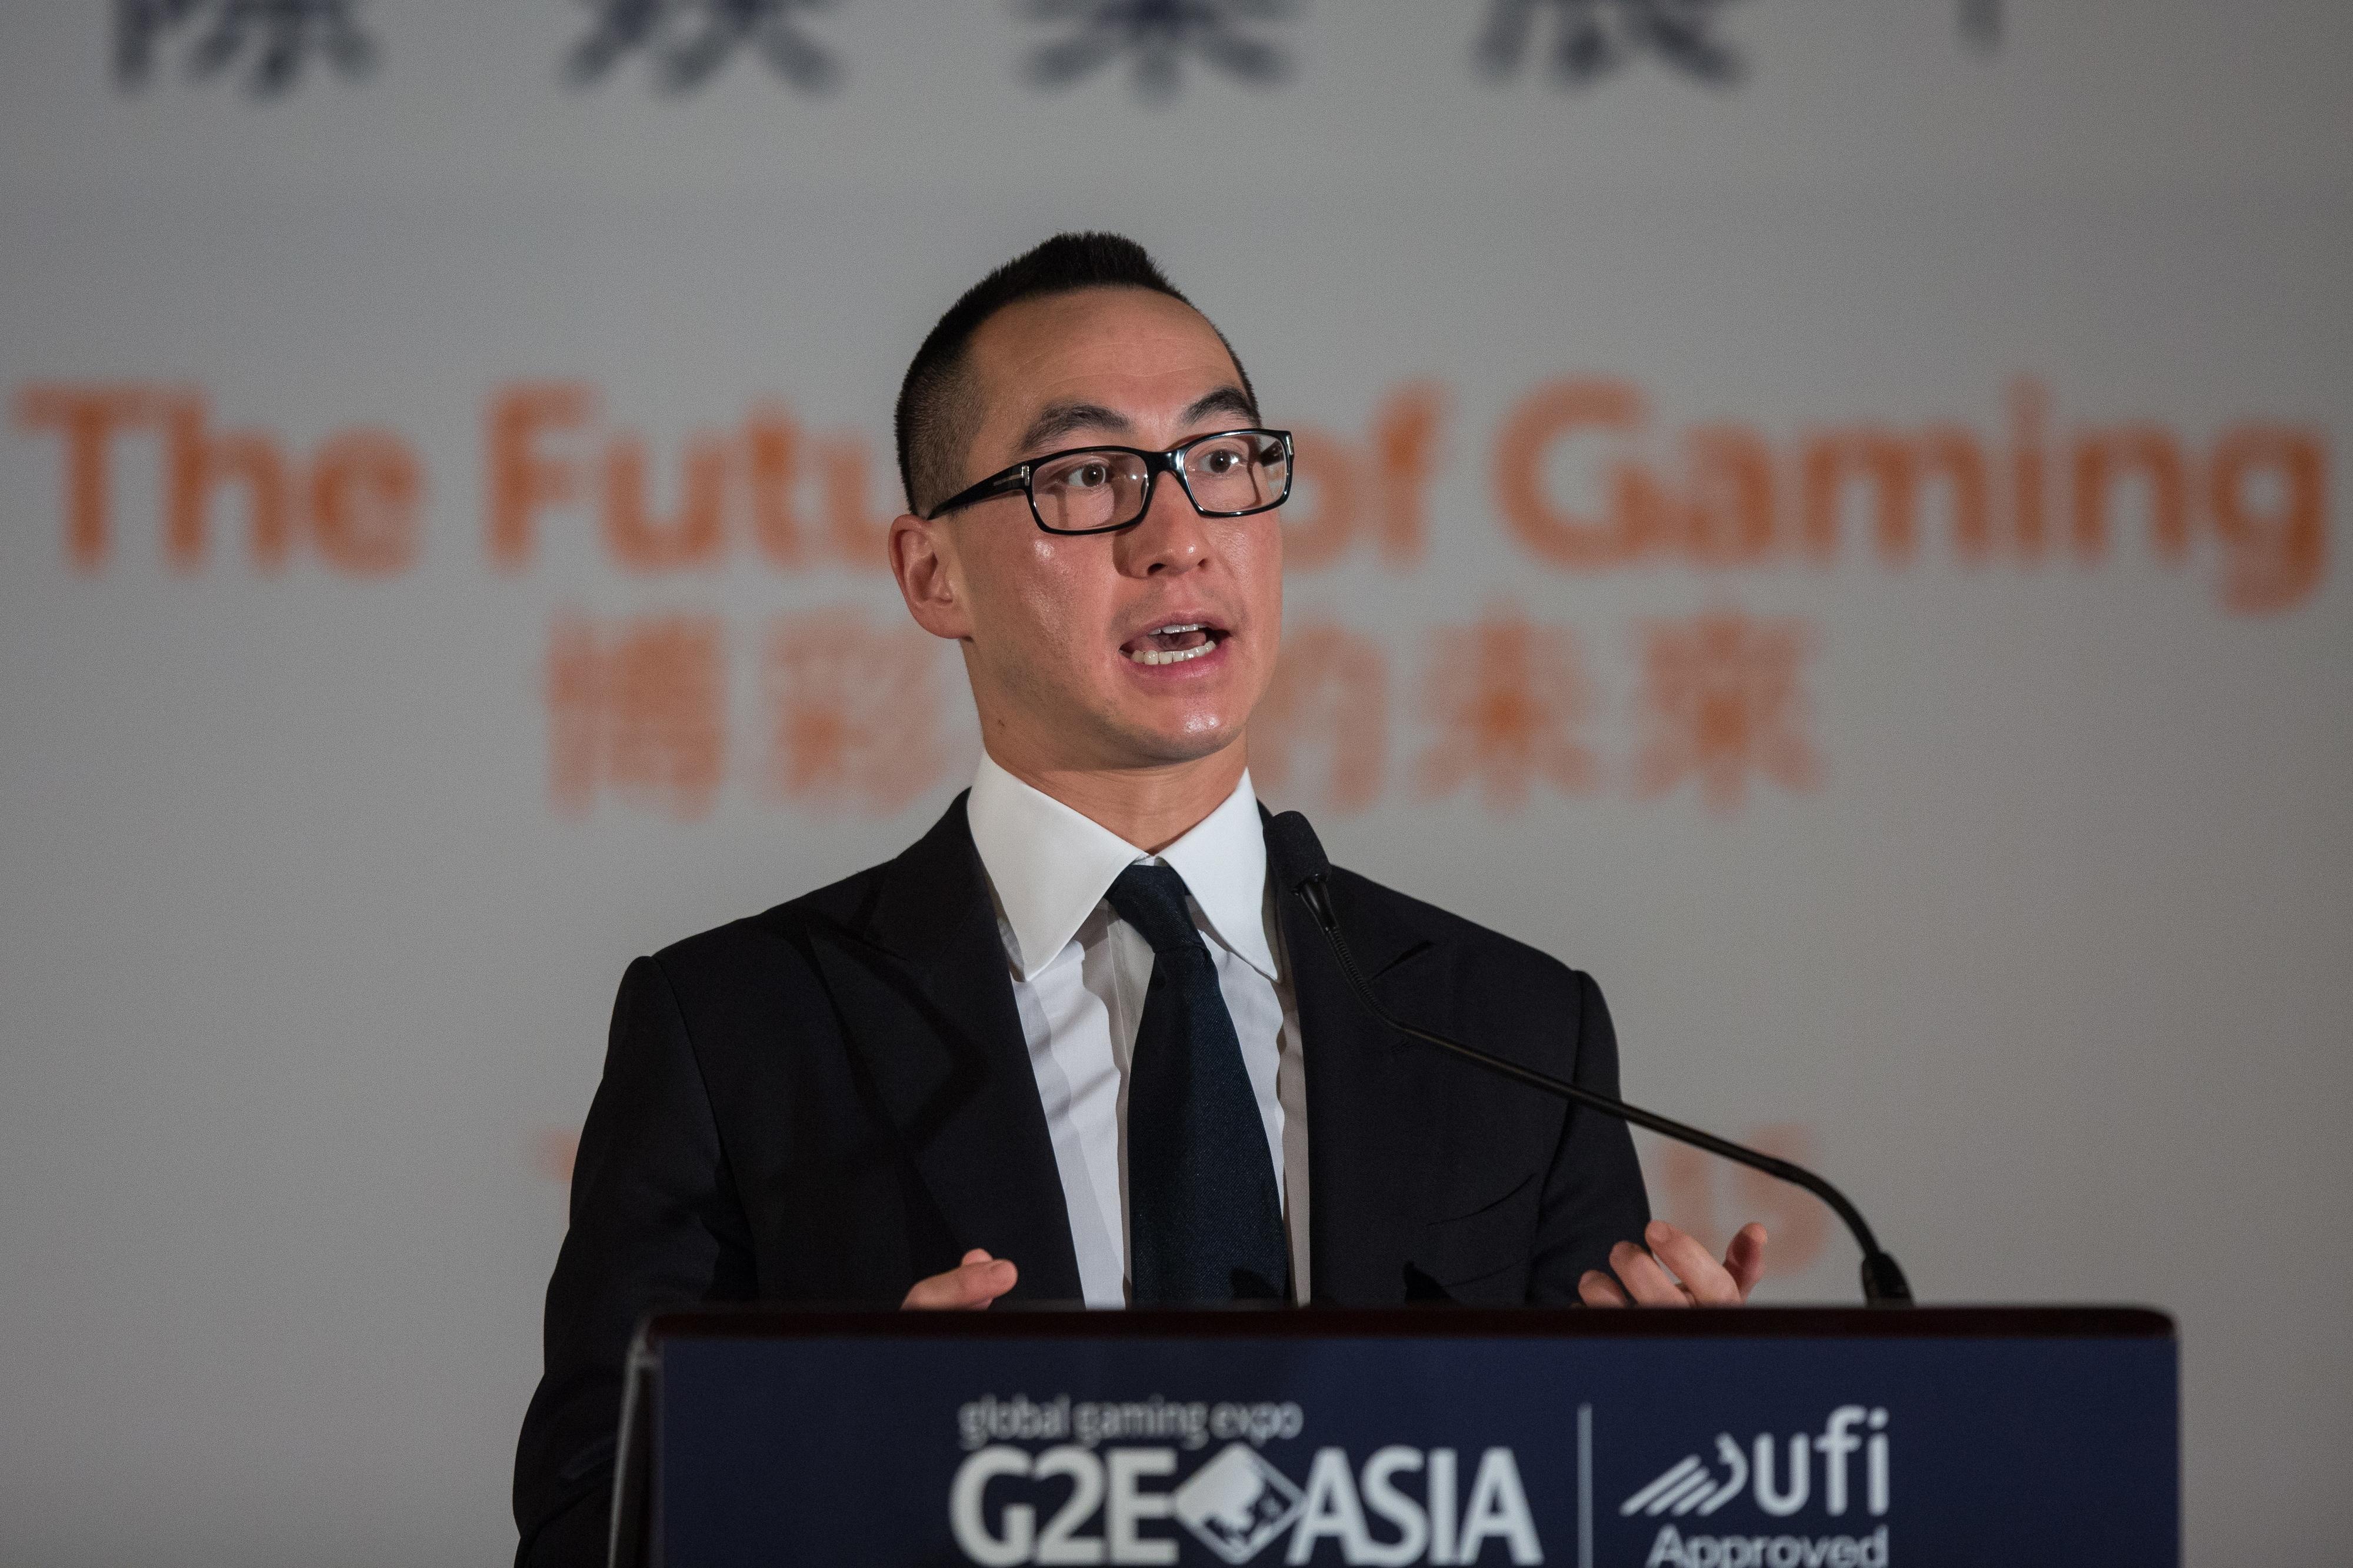 Guerra comercial China/EUA prejudica Macau mais do que instabilidade em Hong Kong - Melco